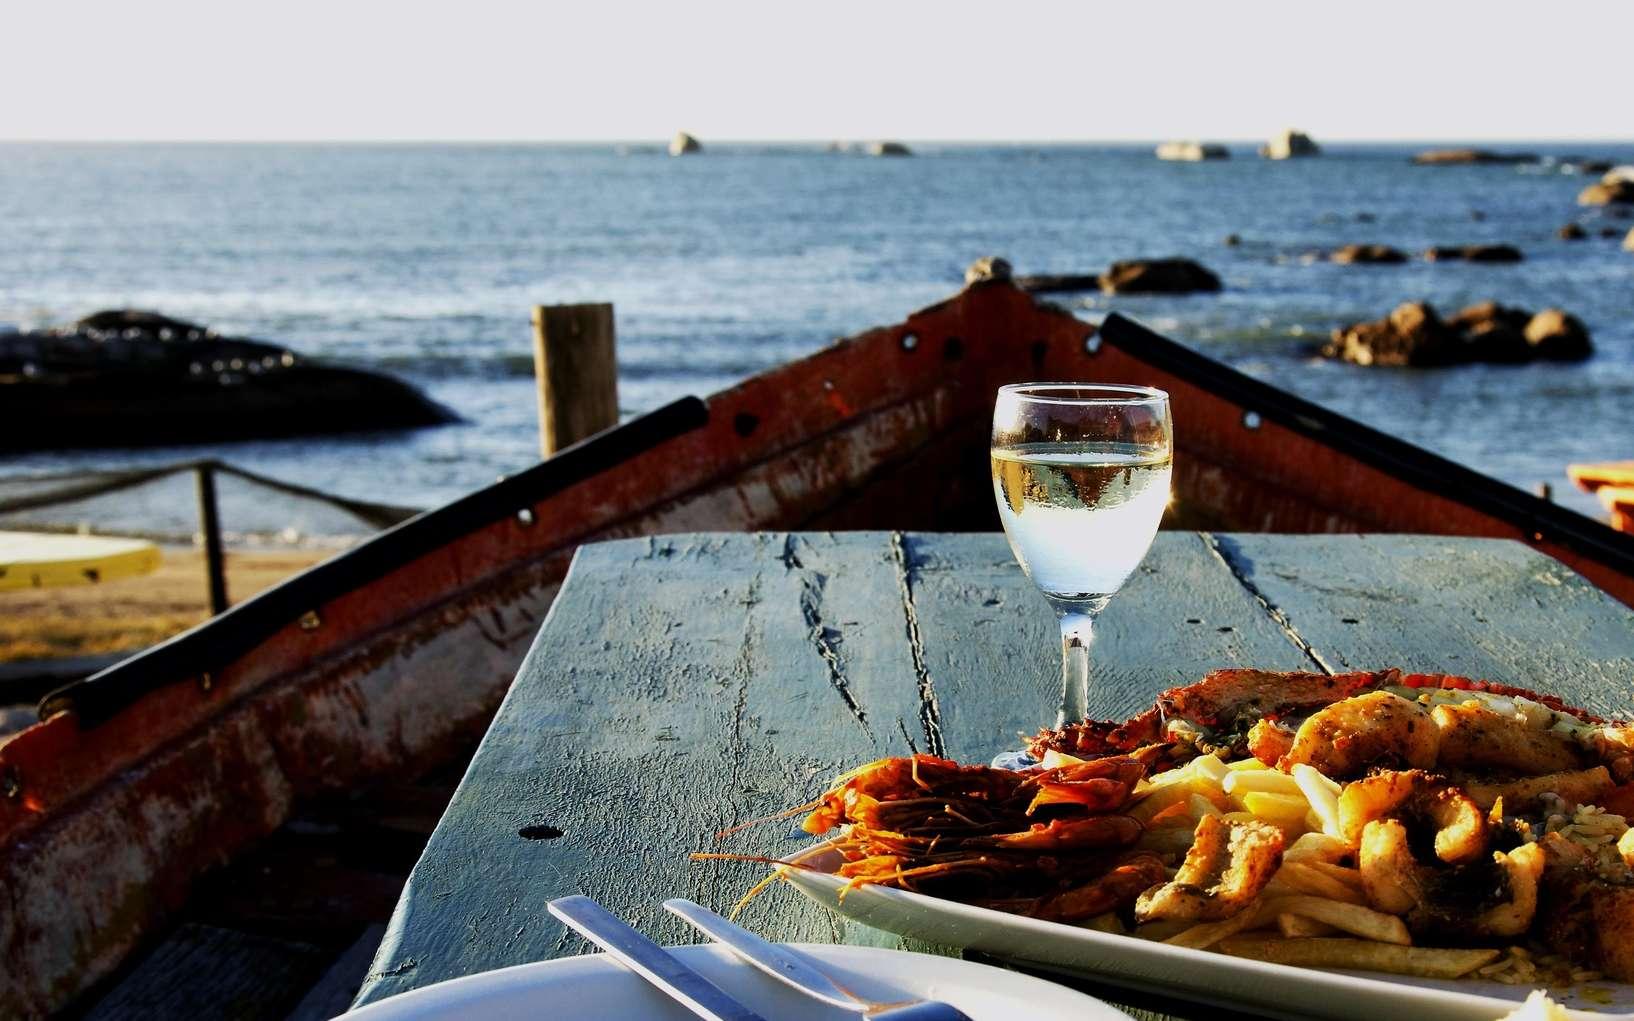 Préférer du vin blanc avec du poisson : une habitude qui s'expliquerait par la science. © wilddrago, Fotolia